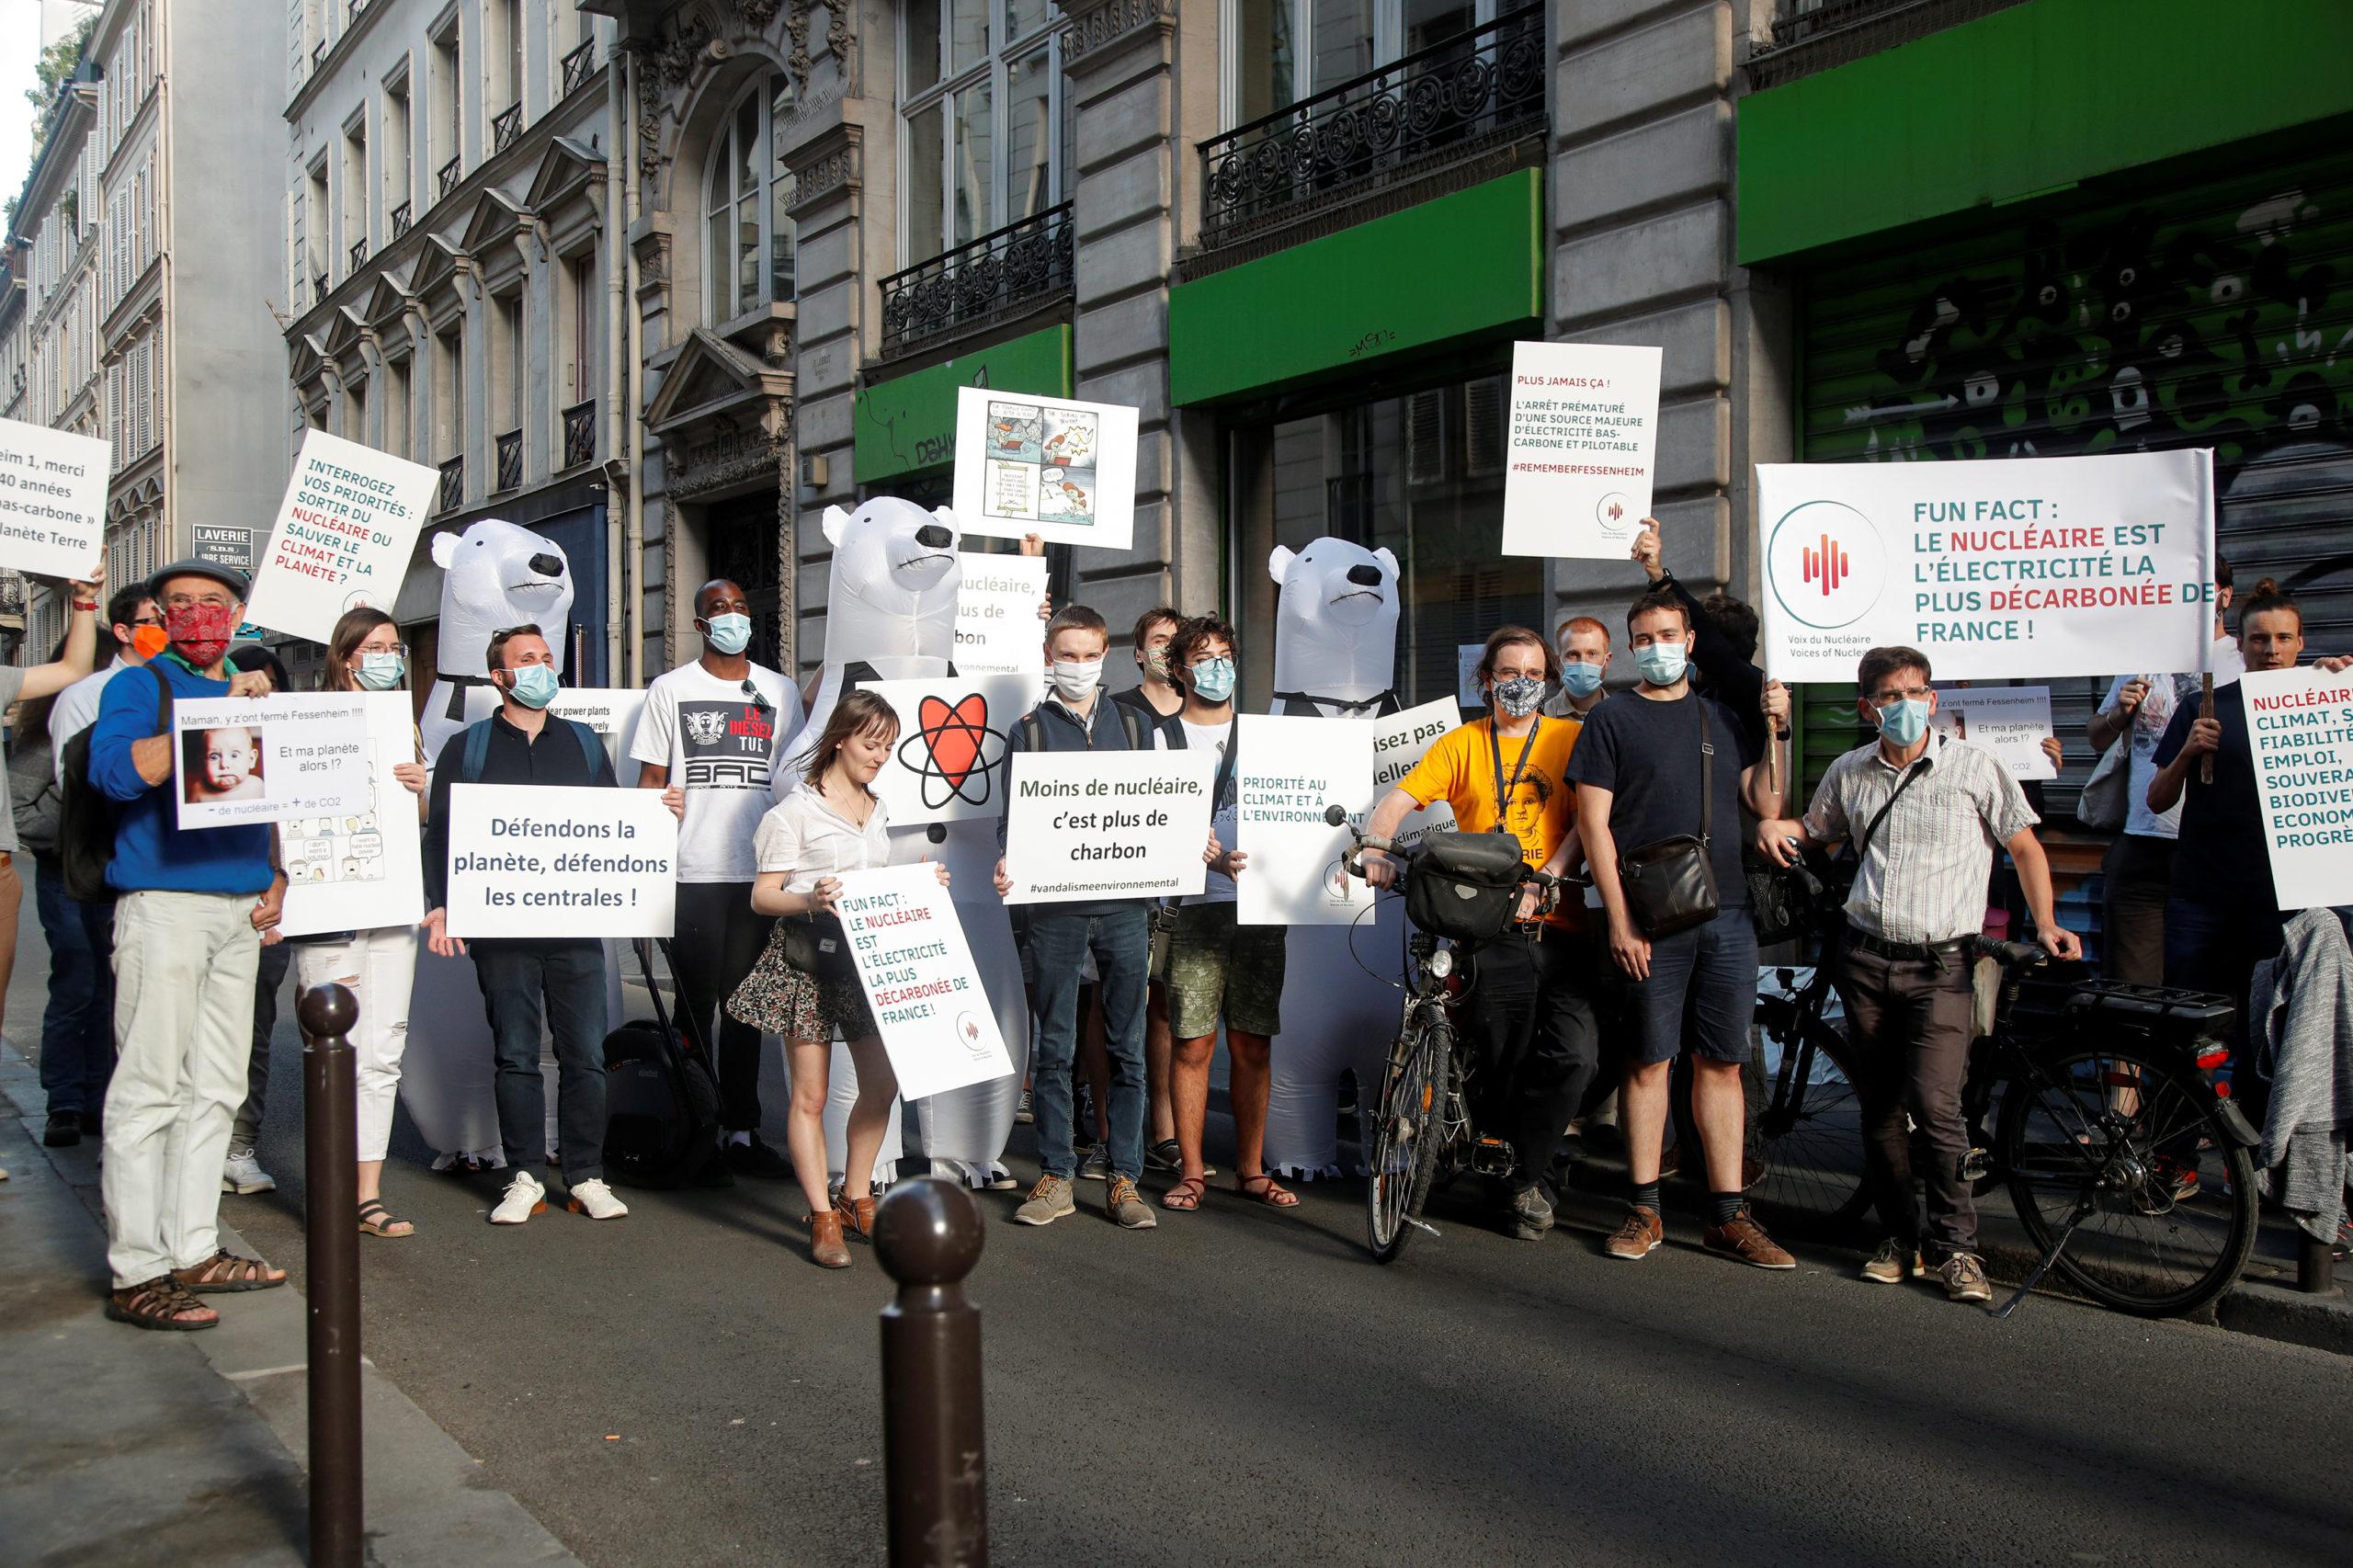 Des pronucléaires manifestent devant le siège parisien de Greenpeace